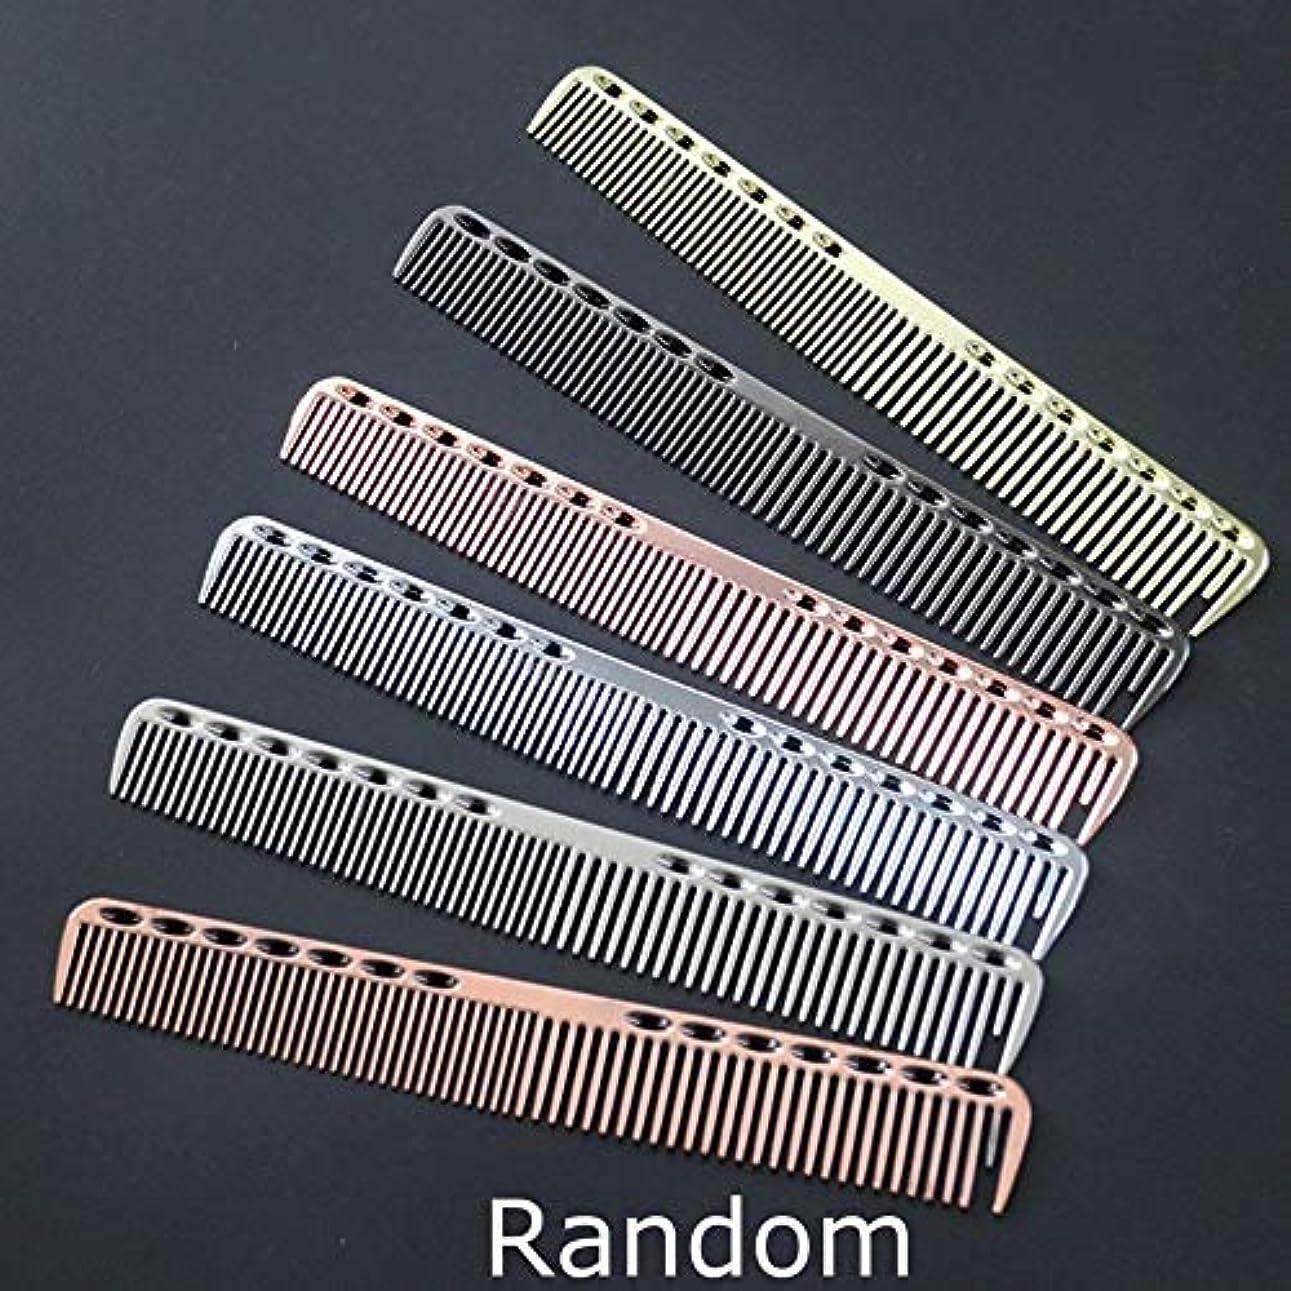 ベアリング退院クライストチャーチ耐久性のあるスペース理髪カット櫛抗静的散髪櫛サロン理容髪美容ツール(Color:random)